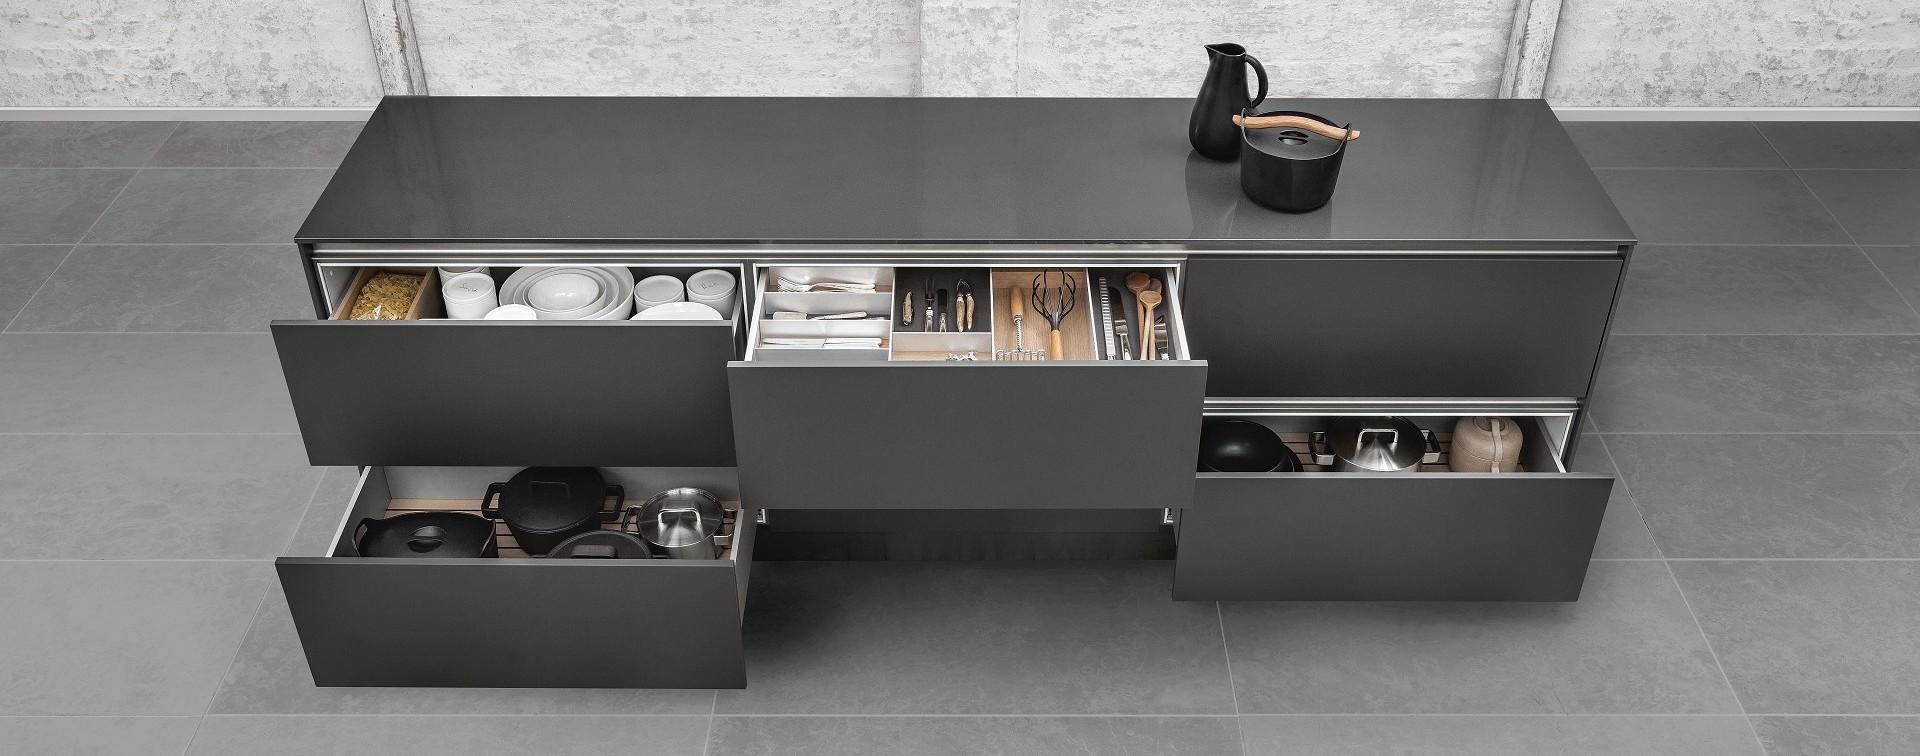 csm_siematic-interior-drawers-pullouts-aluminum-050_1d9042de0d